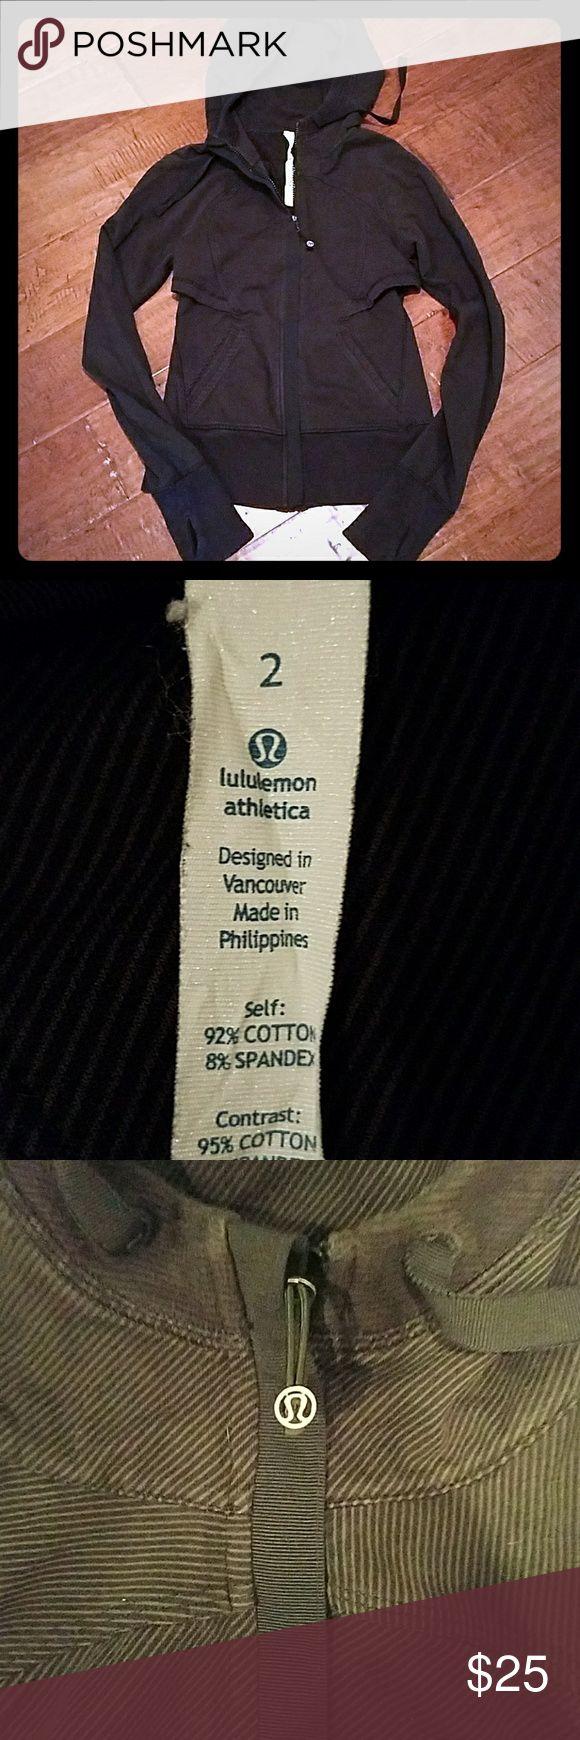 Lululemon zip up hoodie Black and grey stripe zip up. lululemon athletica Tops Sweatshirts & Hoodies